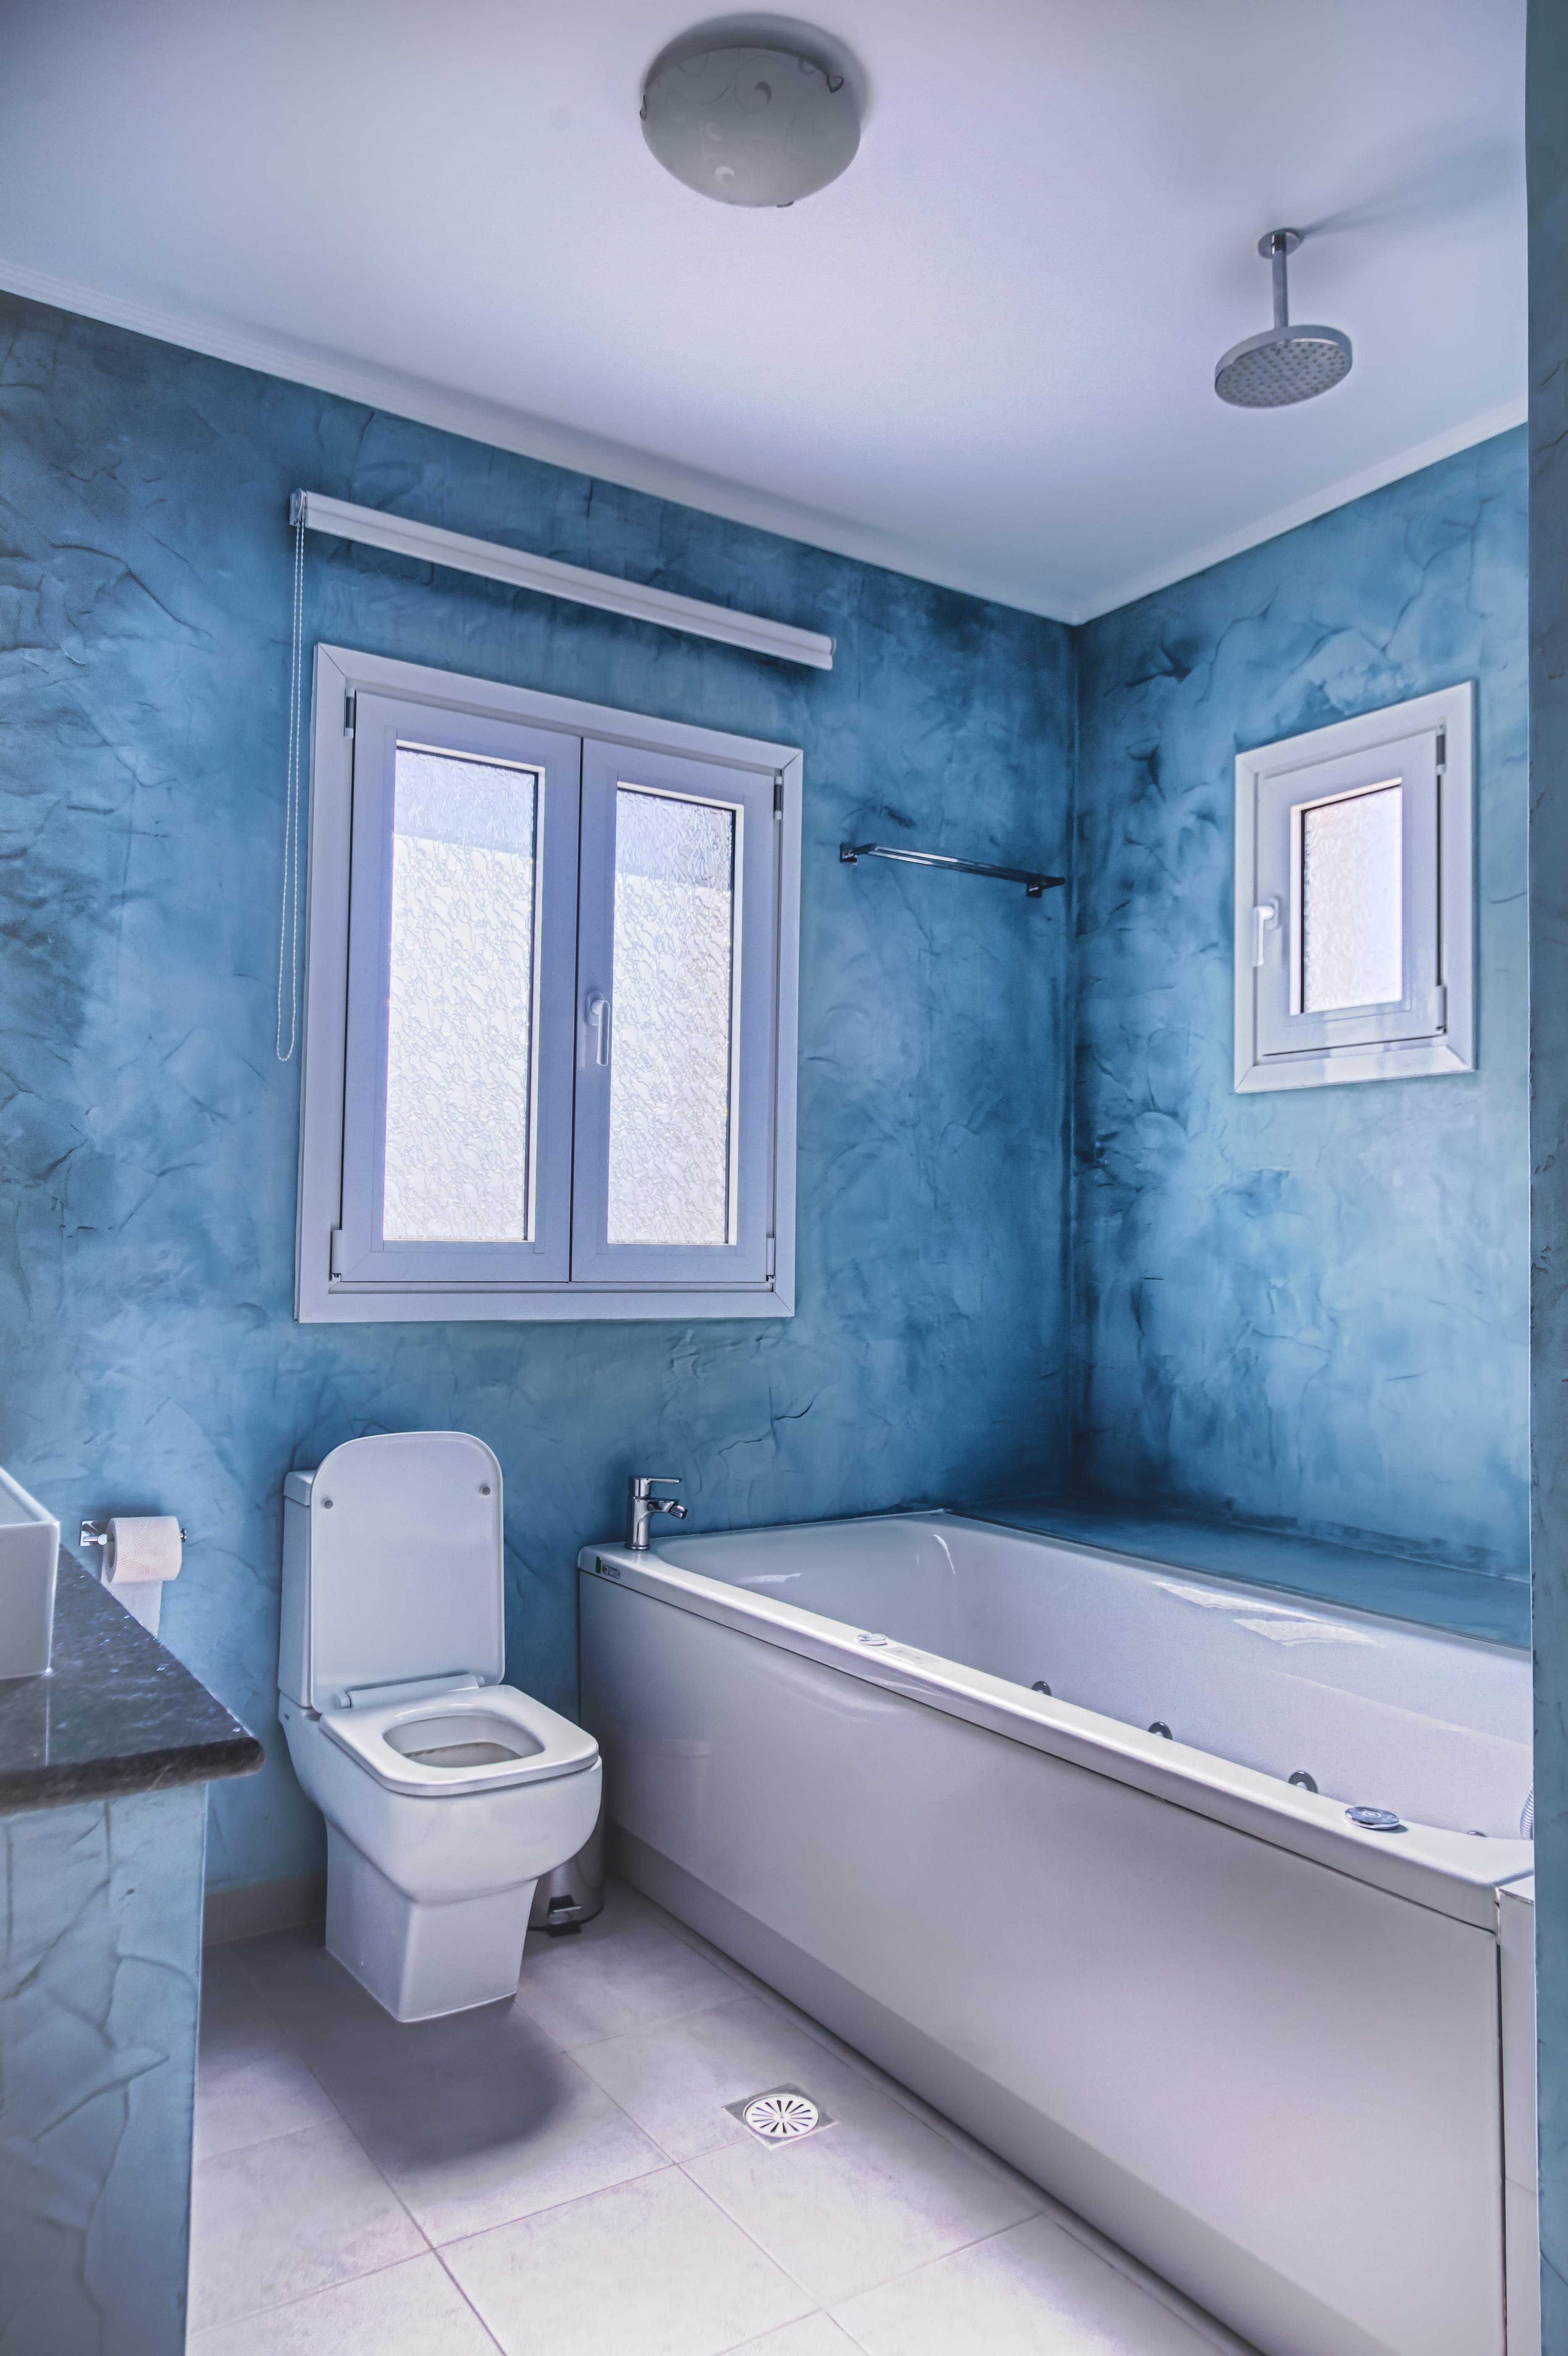 Gambar Rumah Lantai Milik Biru Desain Interior Bak Mandi